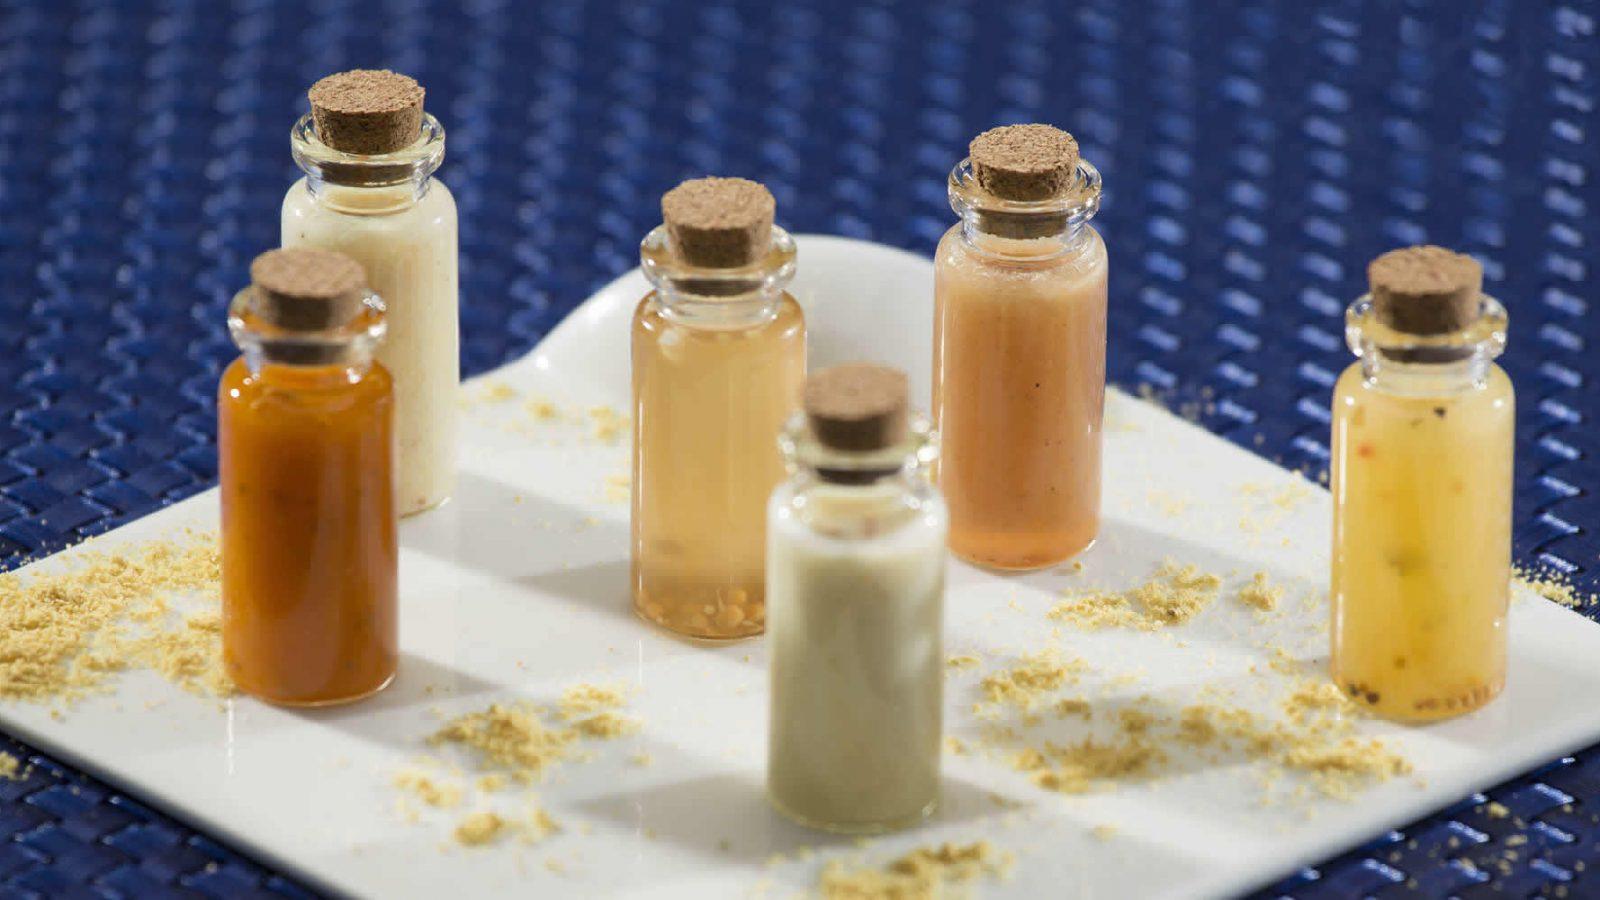 Vials of Mustard